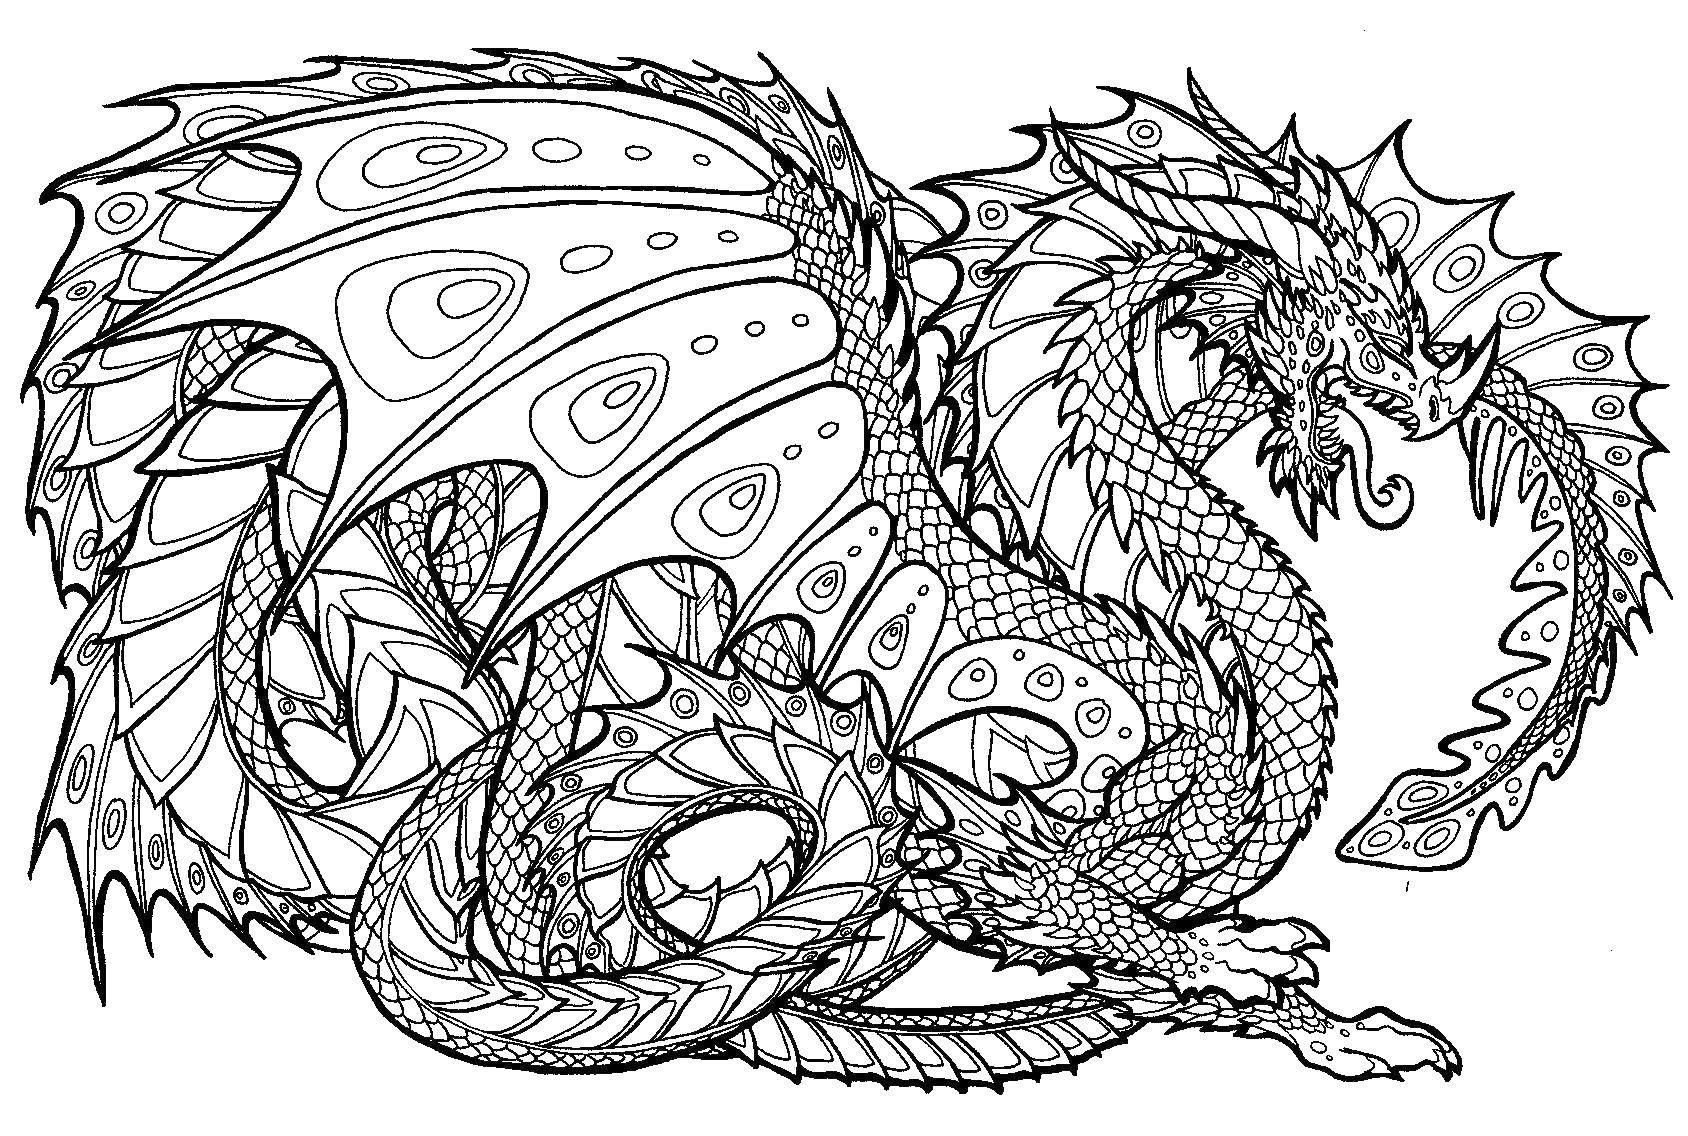 Раскраска Драконы Скачать ,дракон,.  Распечатать